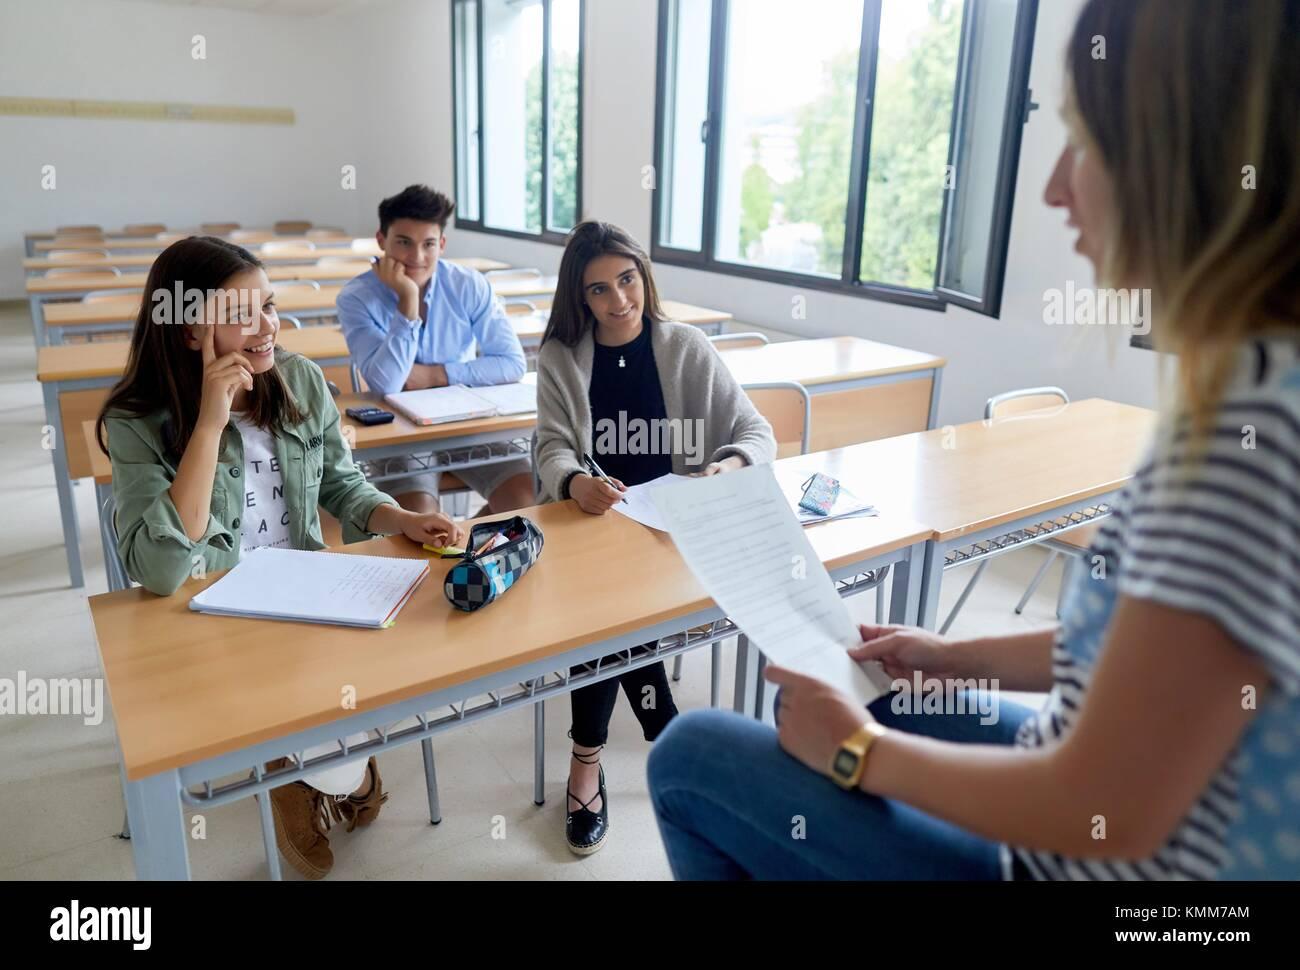 Avec les élèves de l'enseignant. Salle de classe. College. School of Business Studies. L'université. Photo Stock